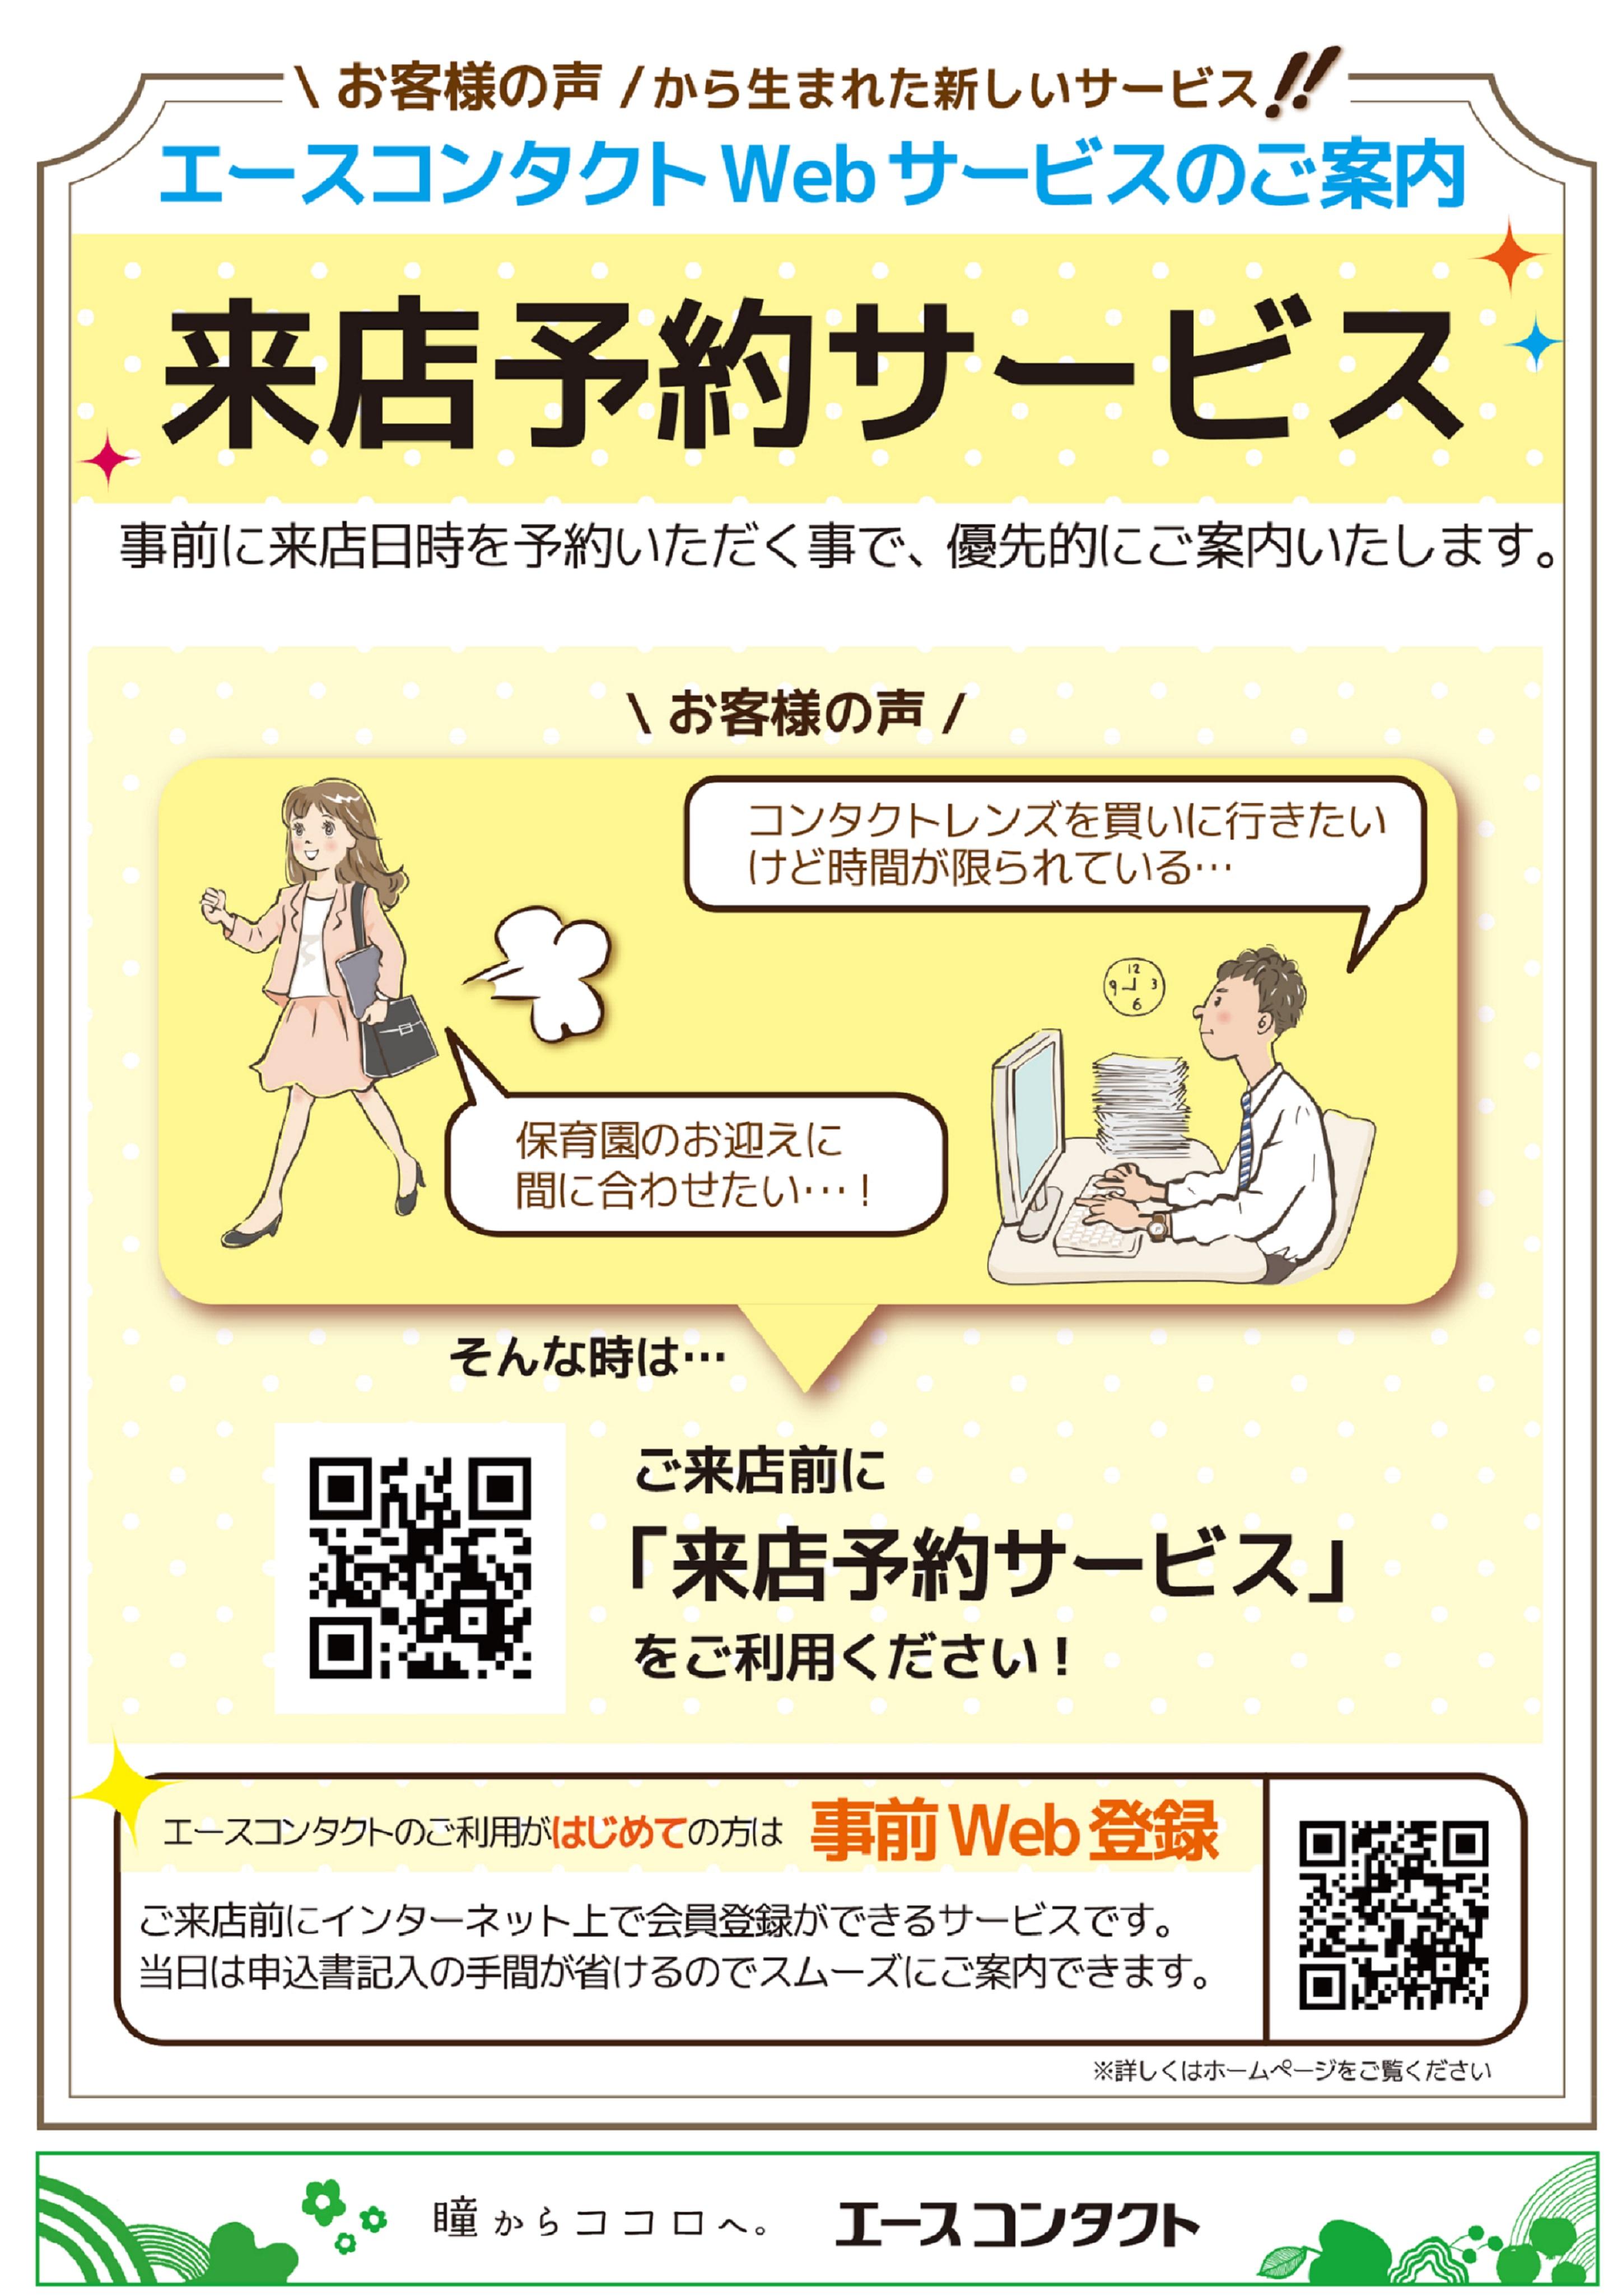 【エースコンタクト】WEB来店予約のご案内【スムーズなご案内♪】